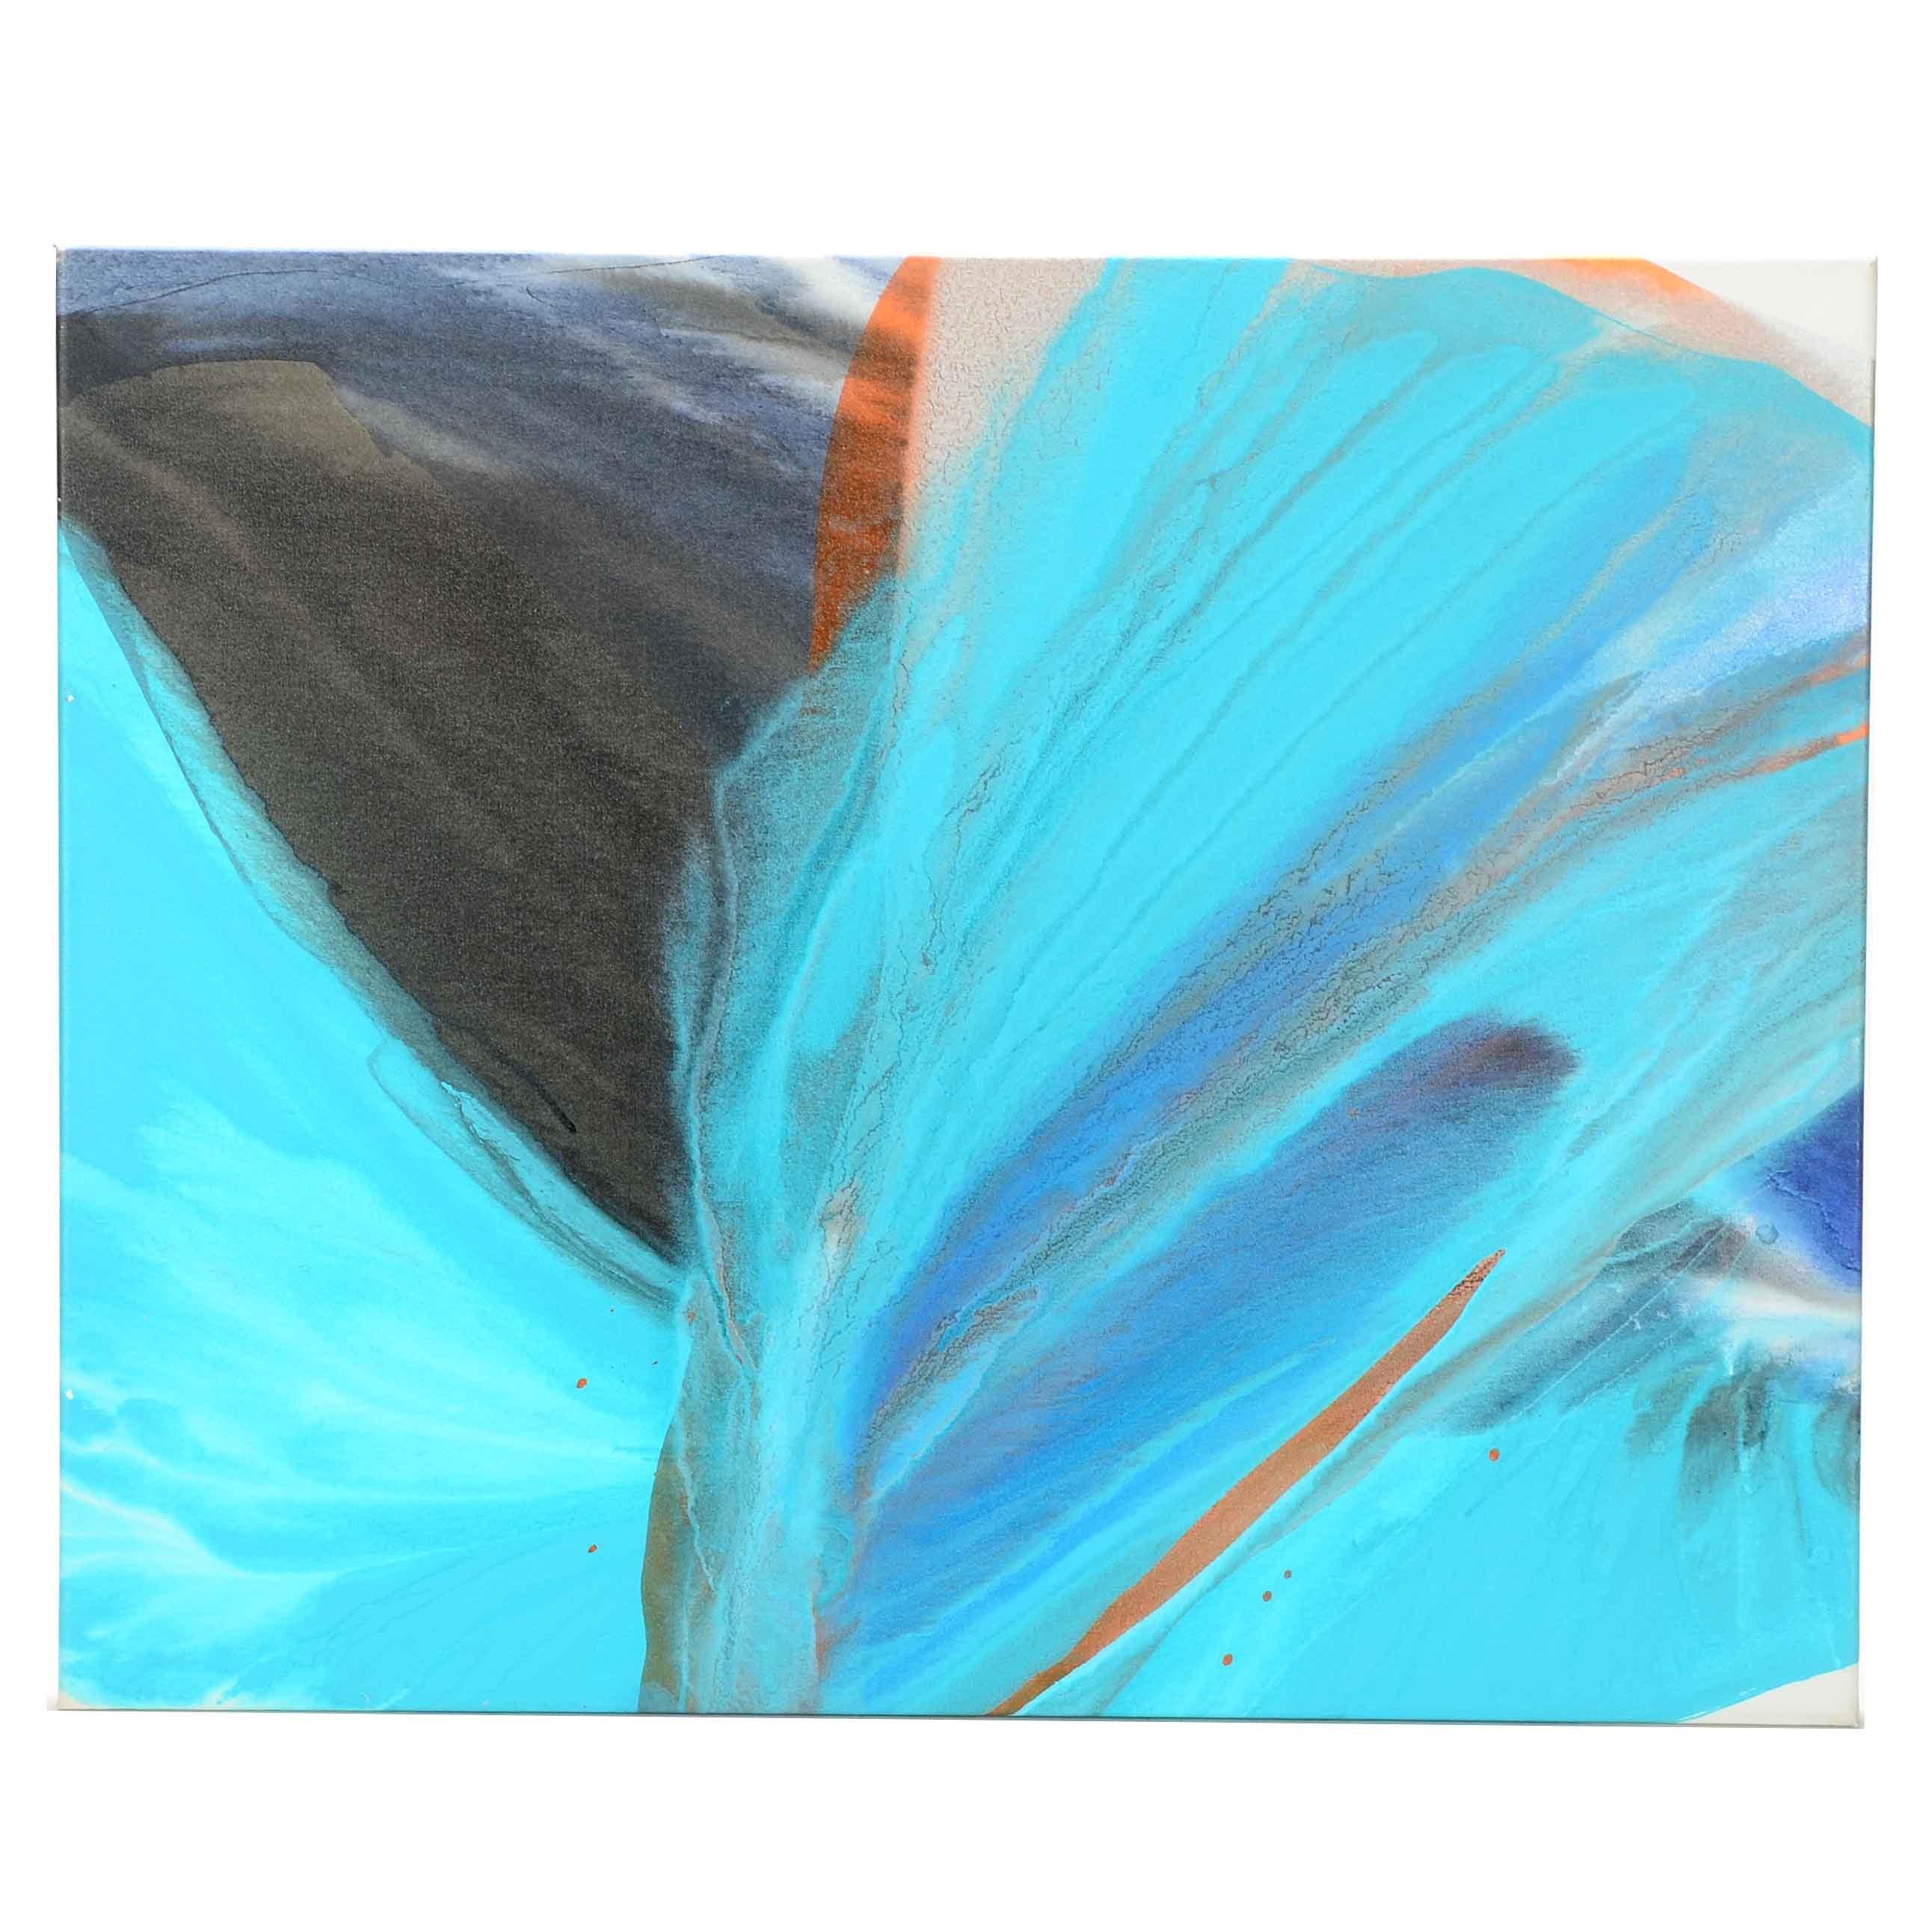 Carol MacConnell Fluid Acrylic Painting on Canvas